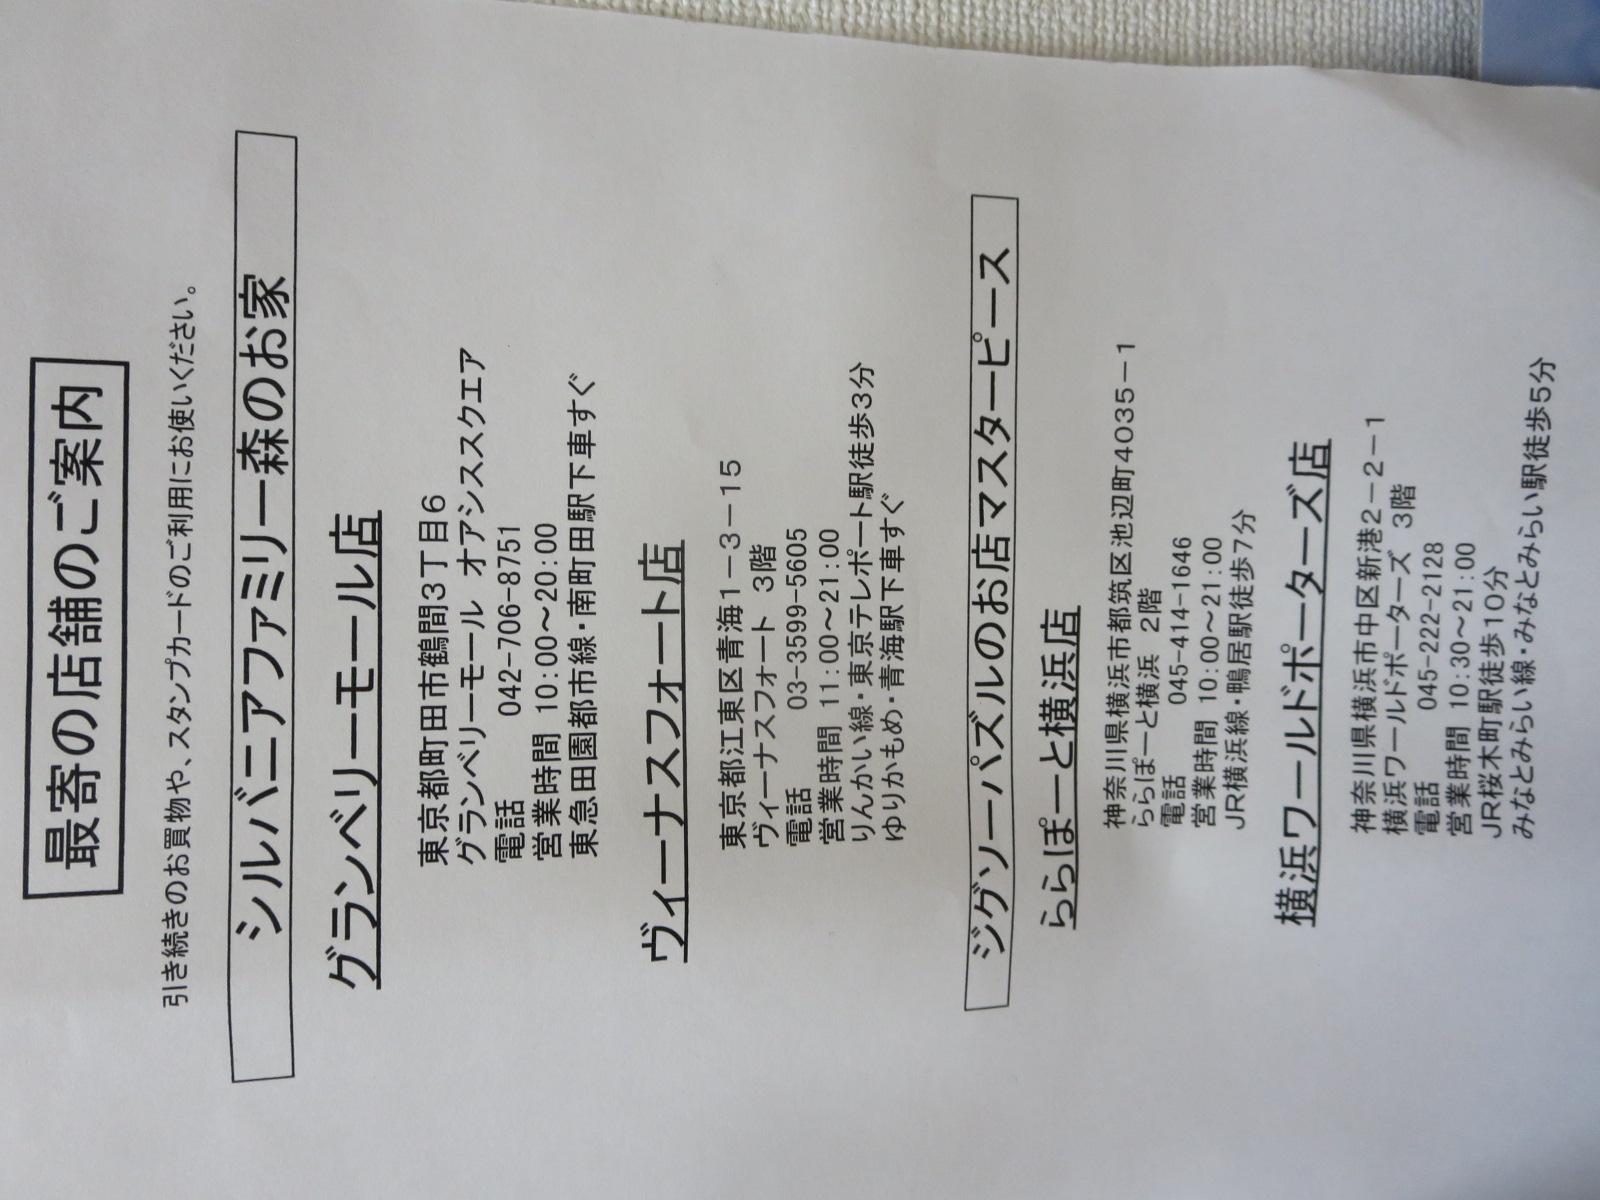 ららぽーと横浜 ジグソーパズル